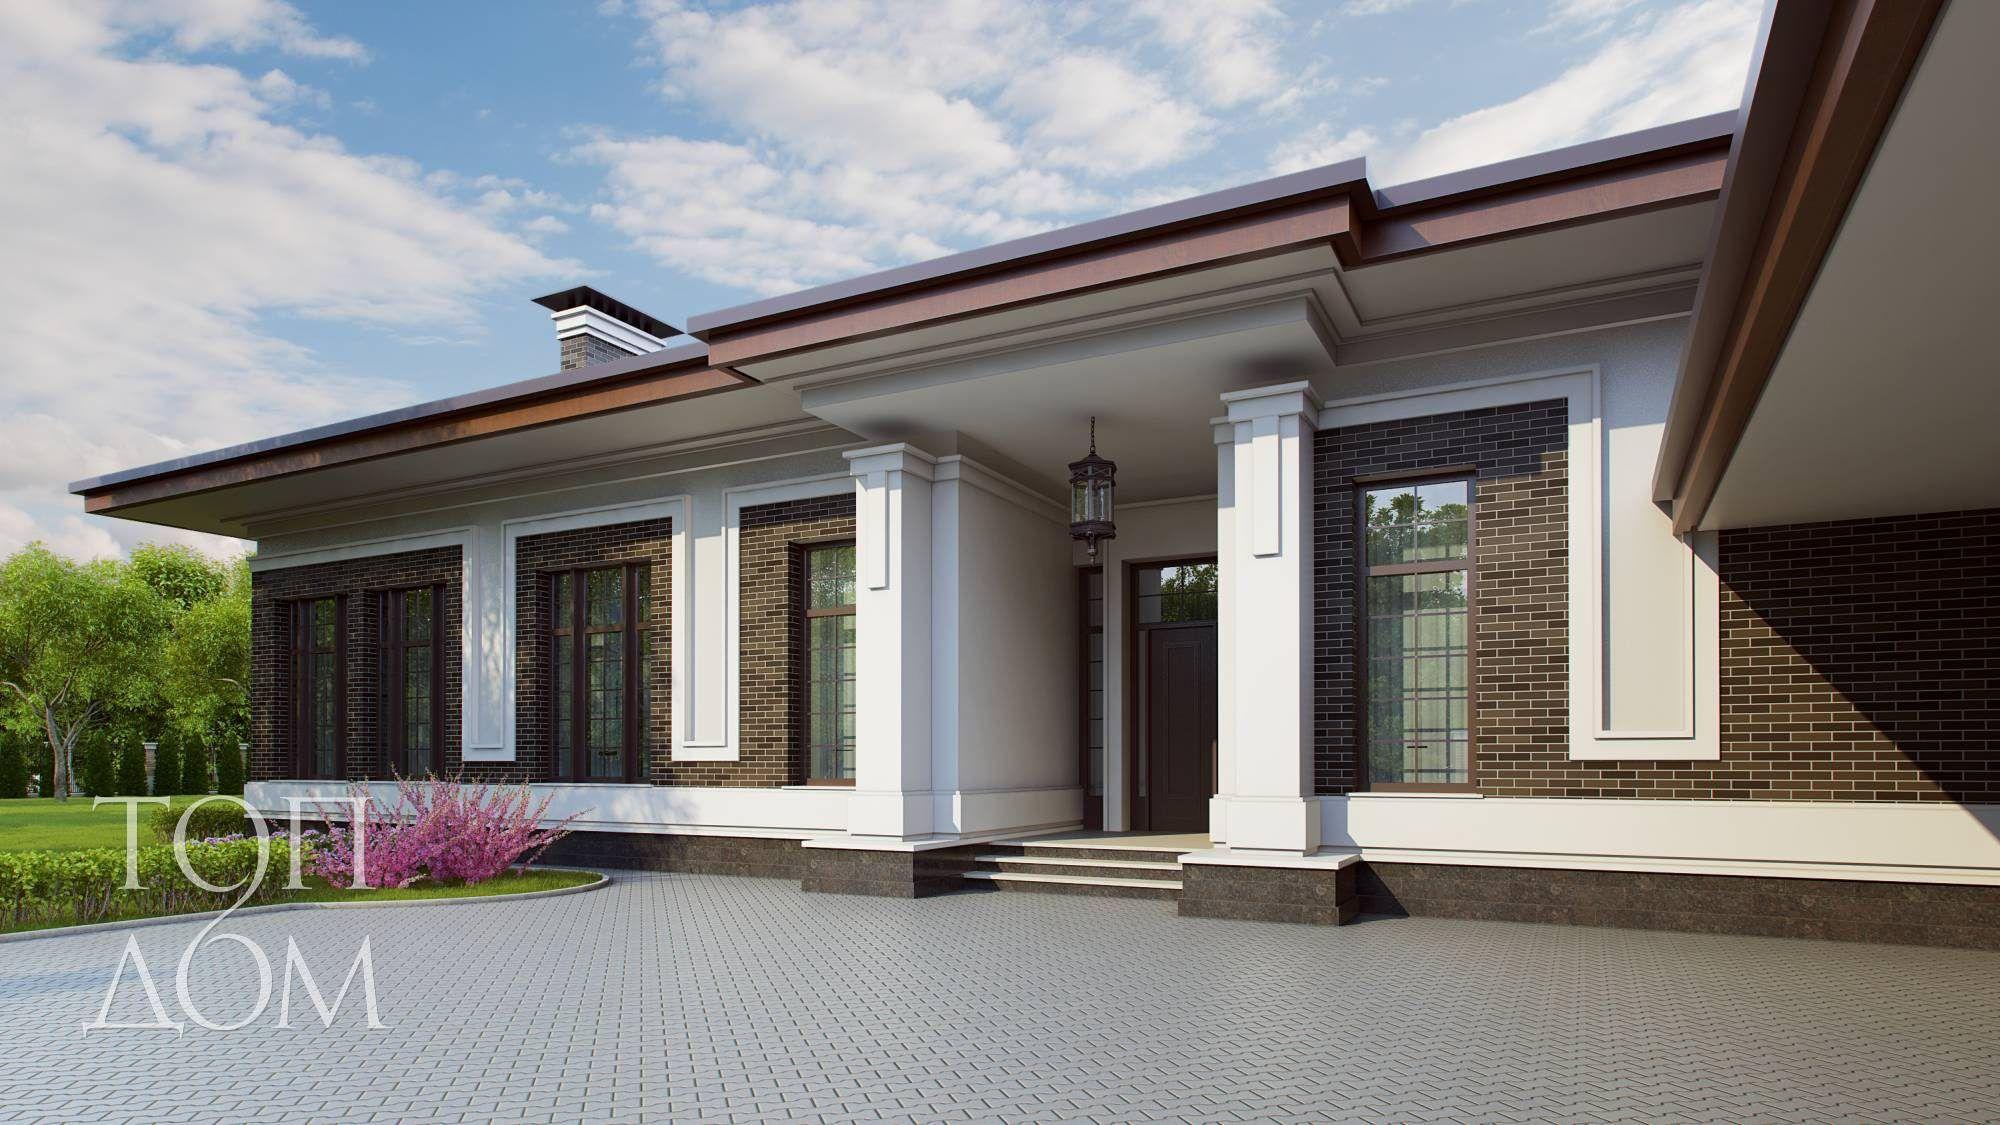 Отделка фасада коричневым кирпичом | Одноэтажные дома ...